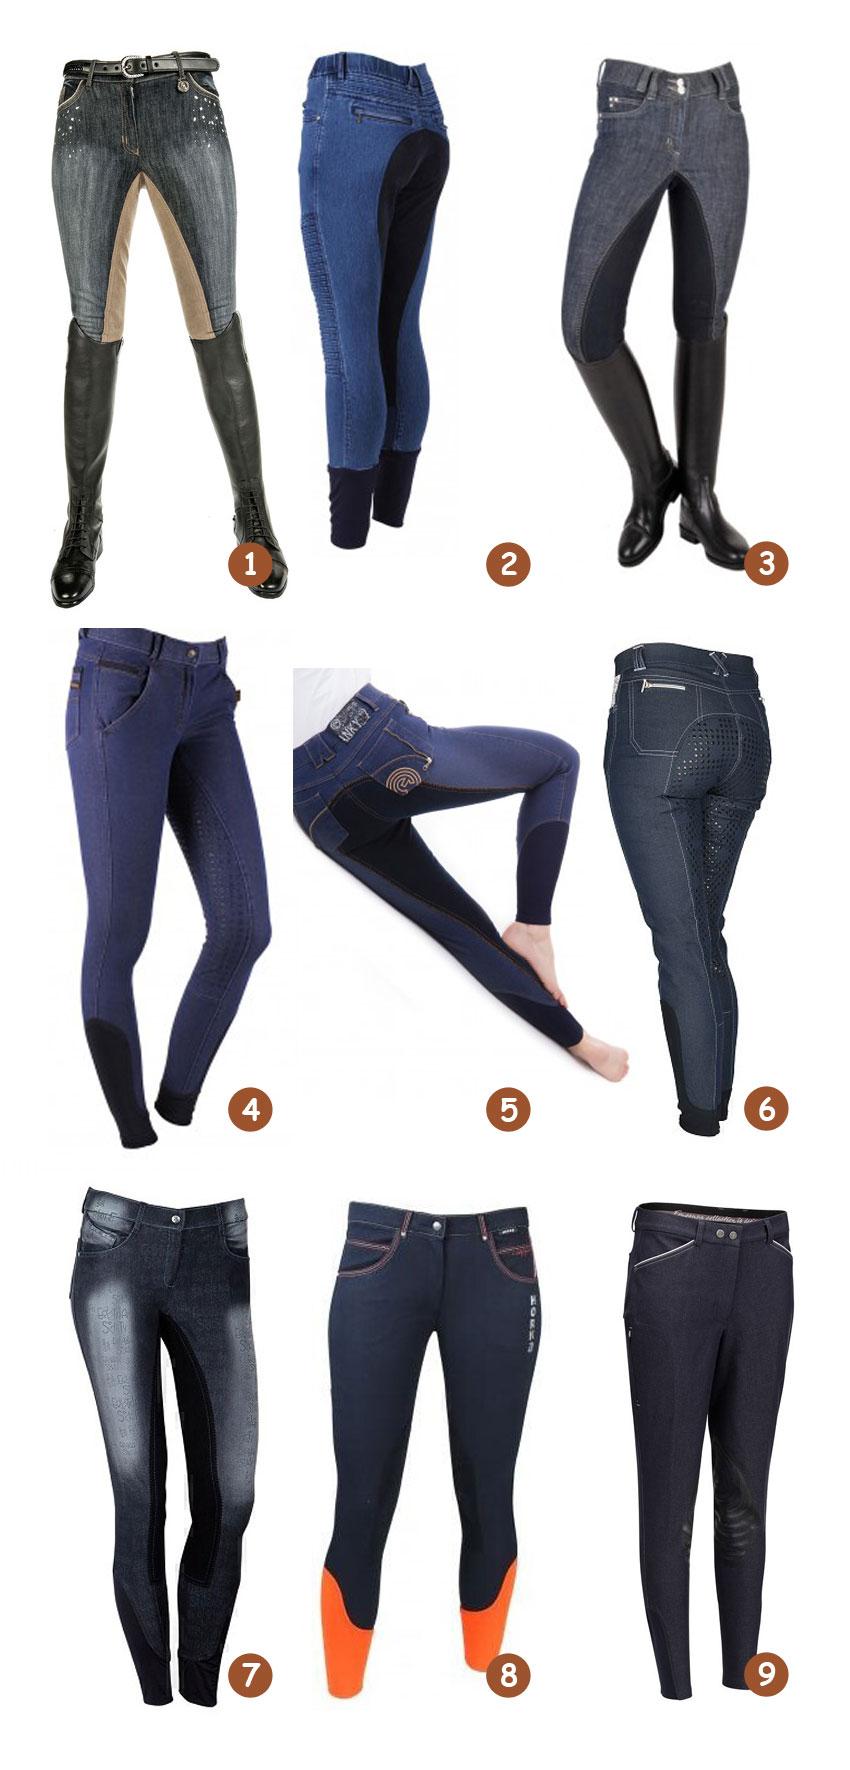 jeans rijbroeken met een extra